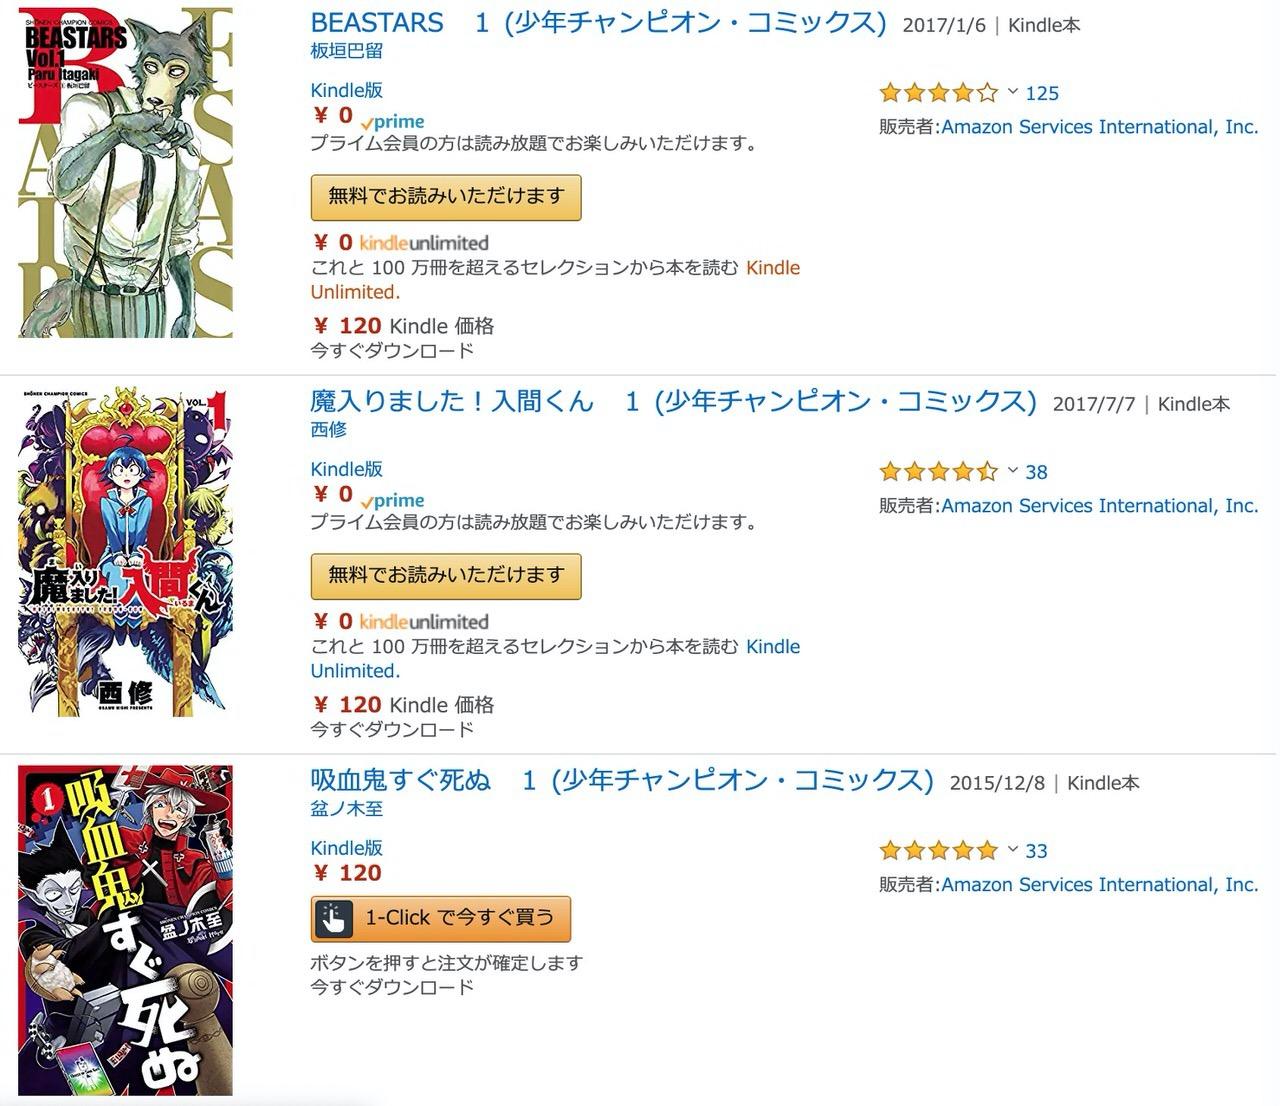 【Kindleセール】BEASTARS、魔入りました!入間くんなどが0円や50%オフ以上「AKITA電子祭り 冬の陣 TVアニメ大好評御礼フェア!」(12/20まで)